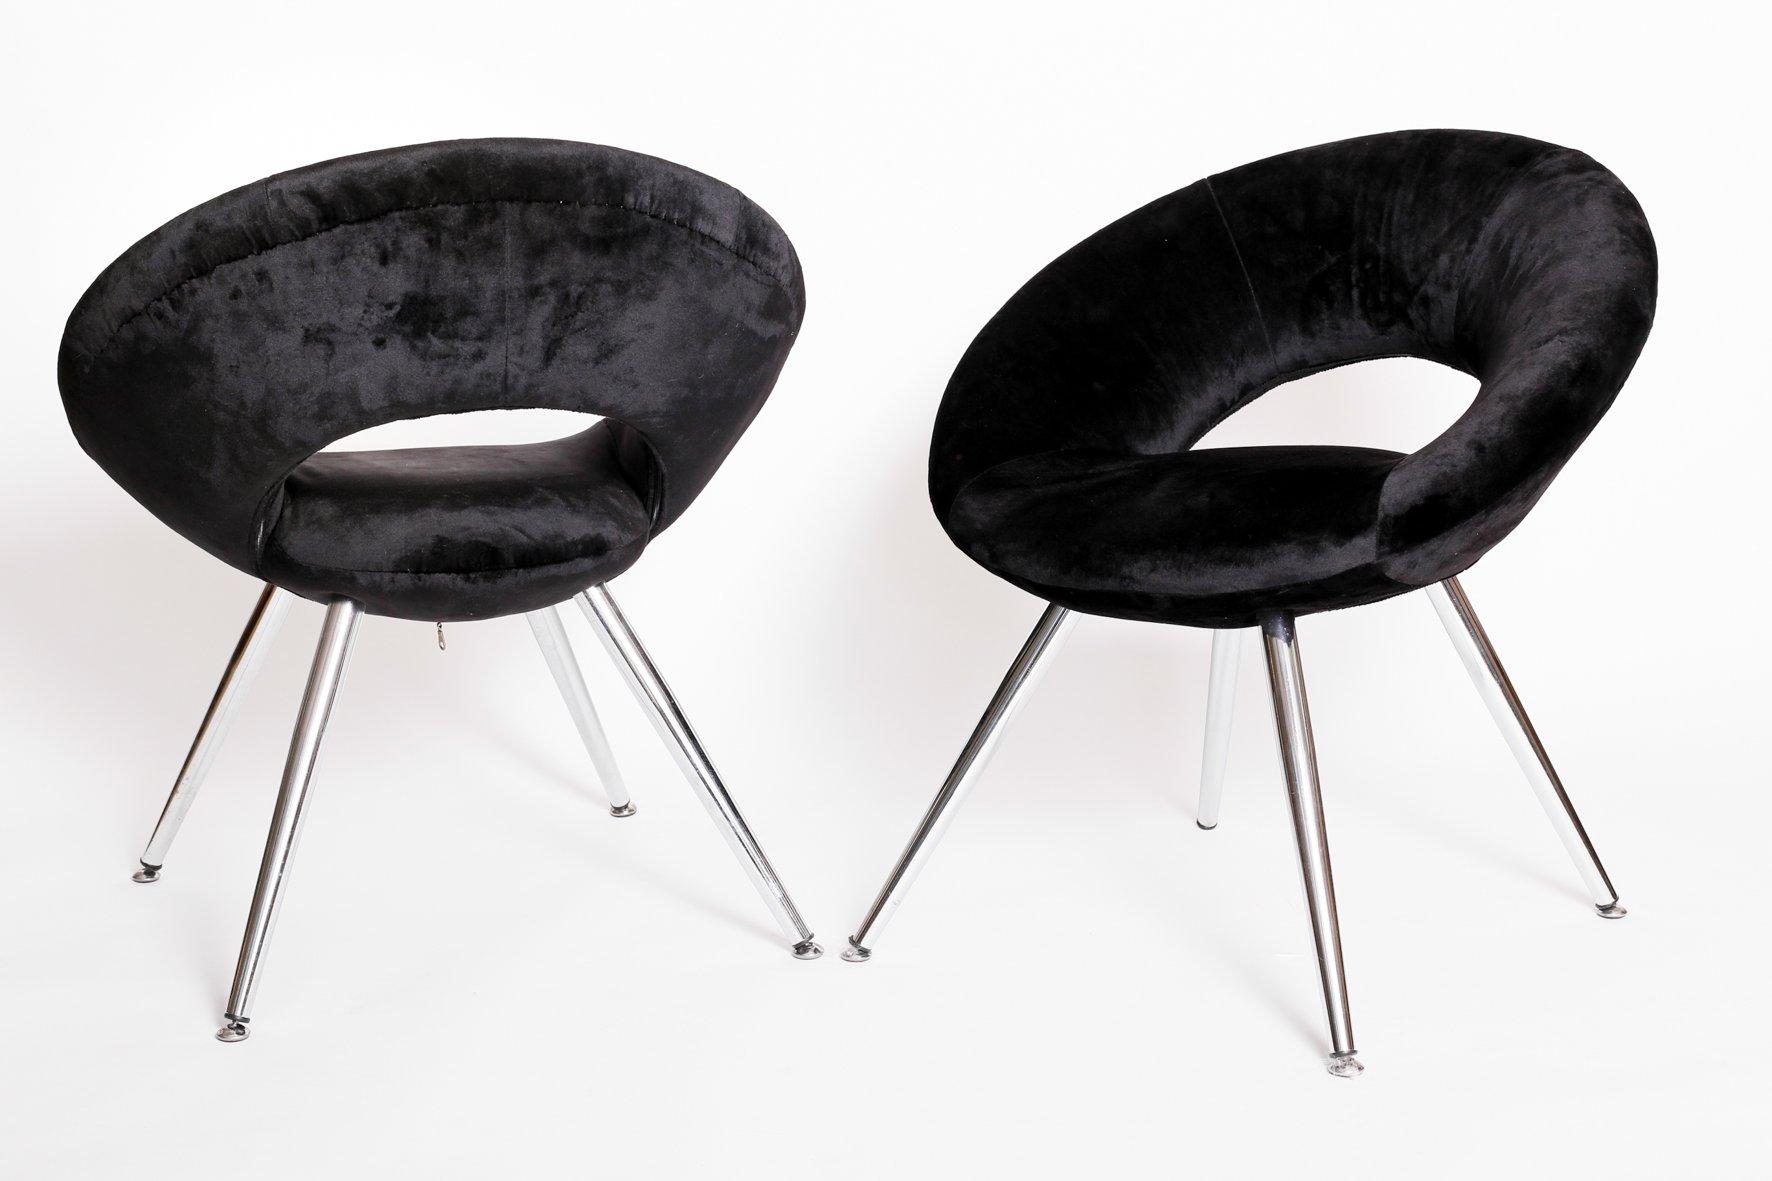 schwarze space age st hle aus samt 1960er 2er set bei pamono kaufen. Black Bedroom Furniture Sets. Home Design Ideas